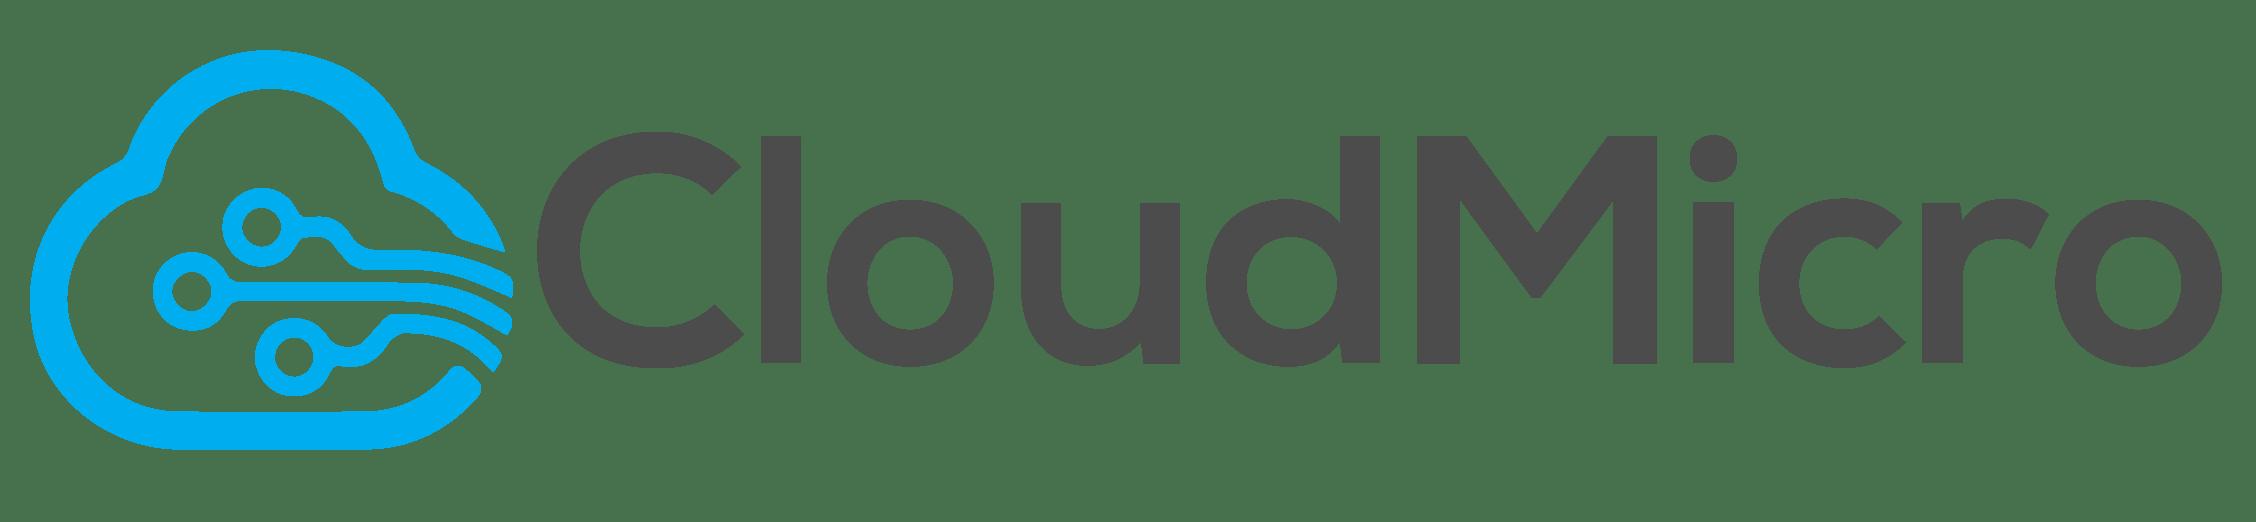 De goedkoopste van de regio! – Websites en Webshops op maat – CloudMicro